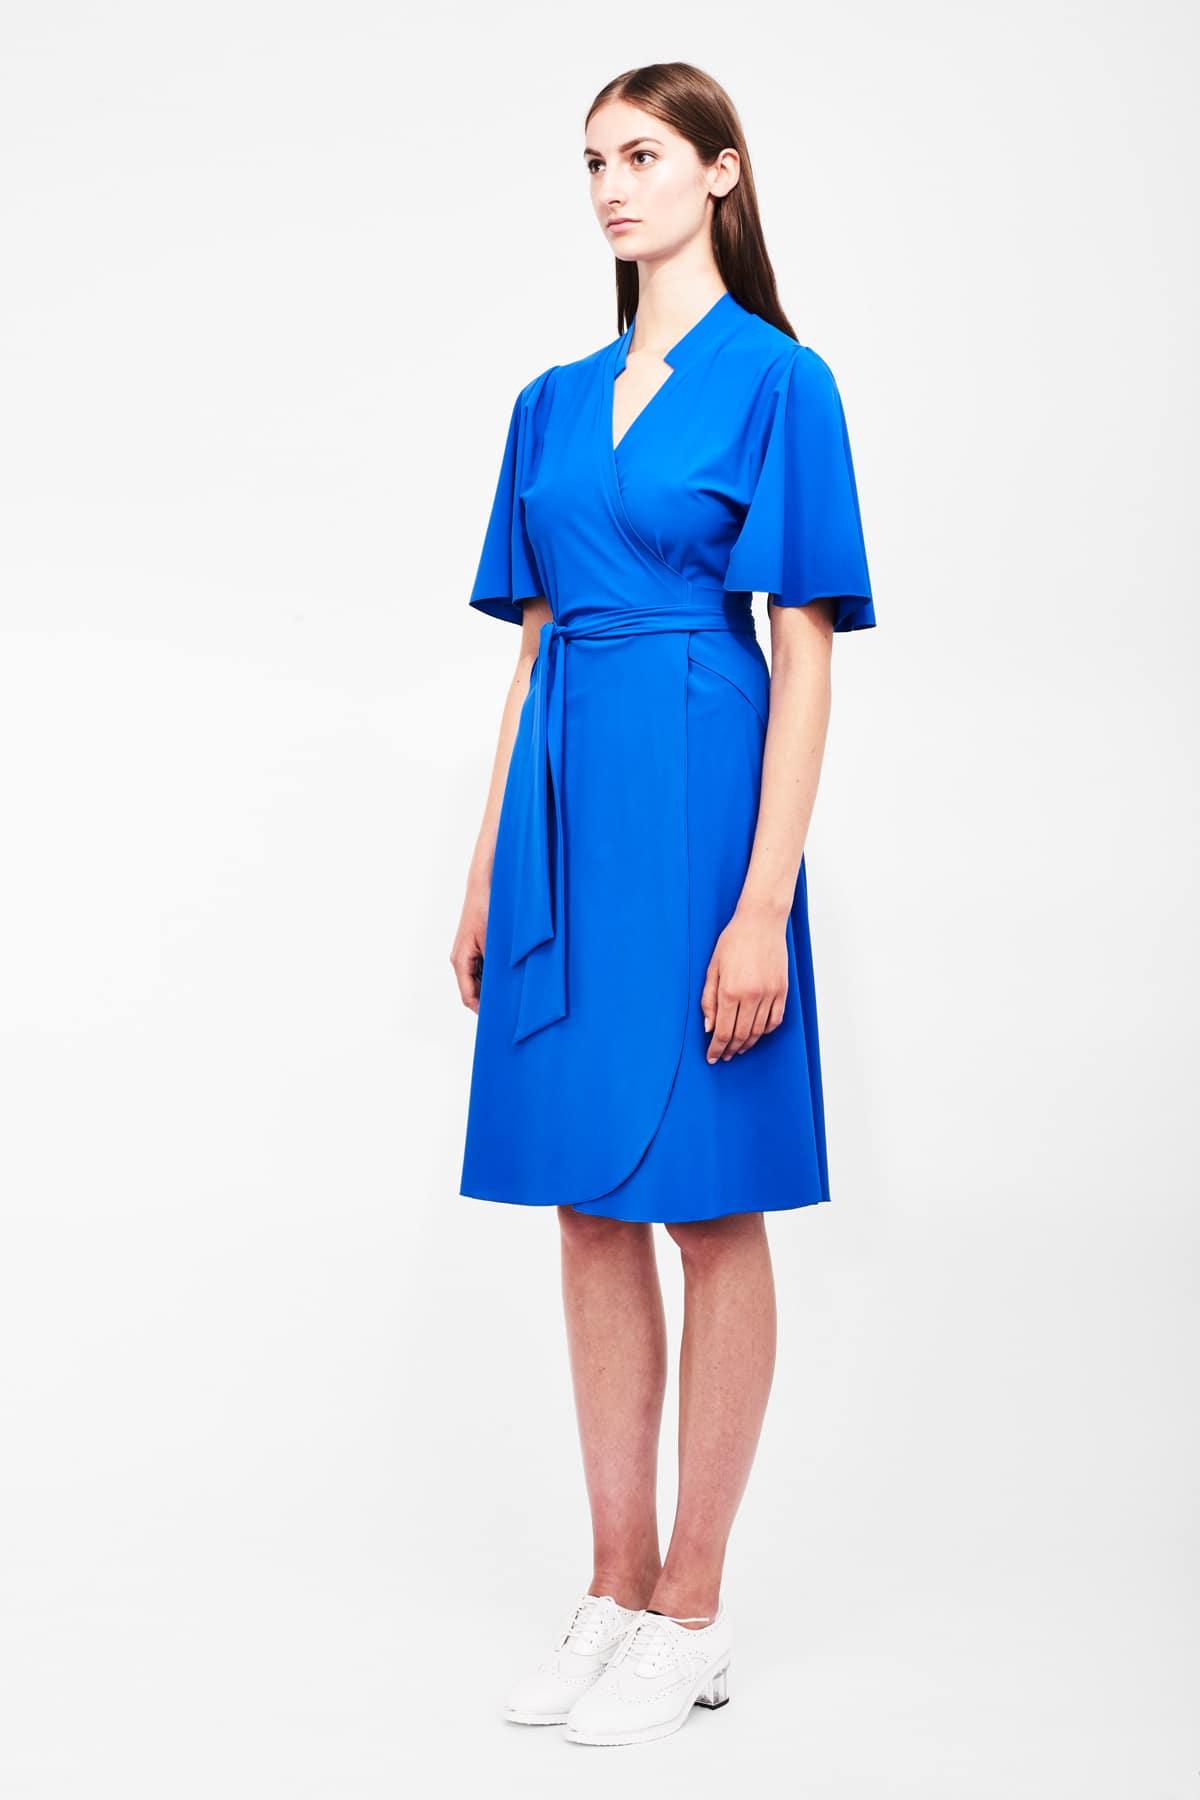 Jerseykleid Kiah_knallblau_ST